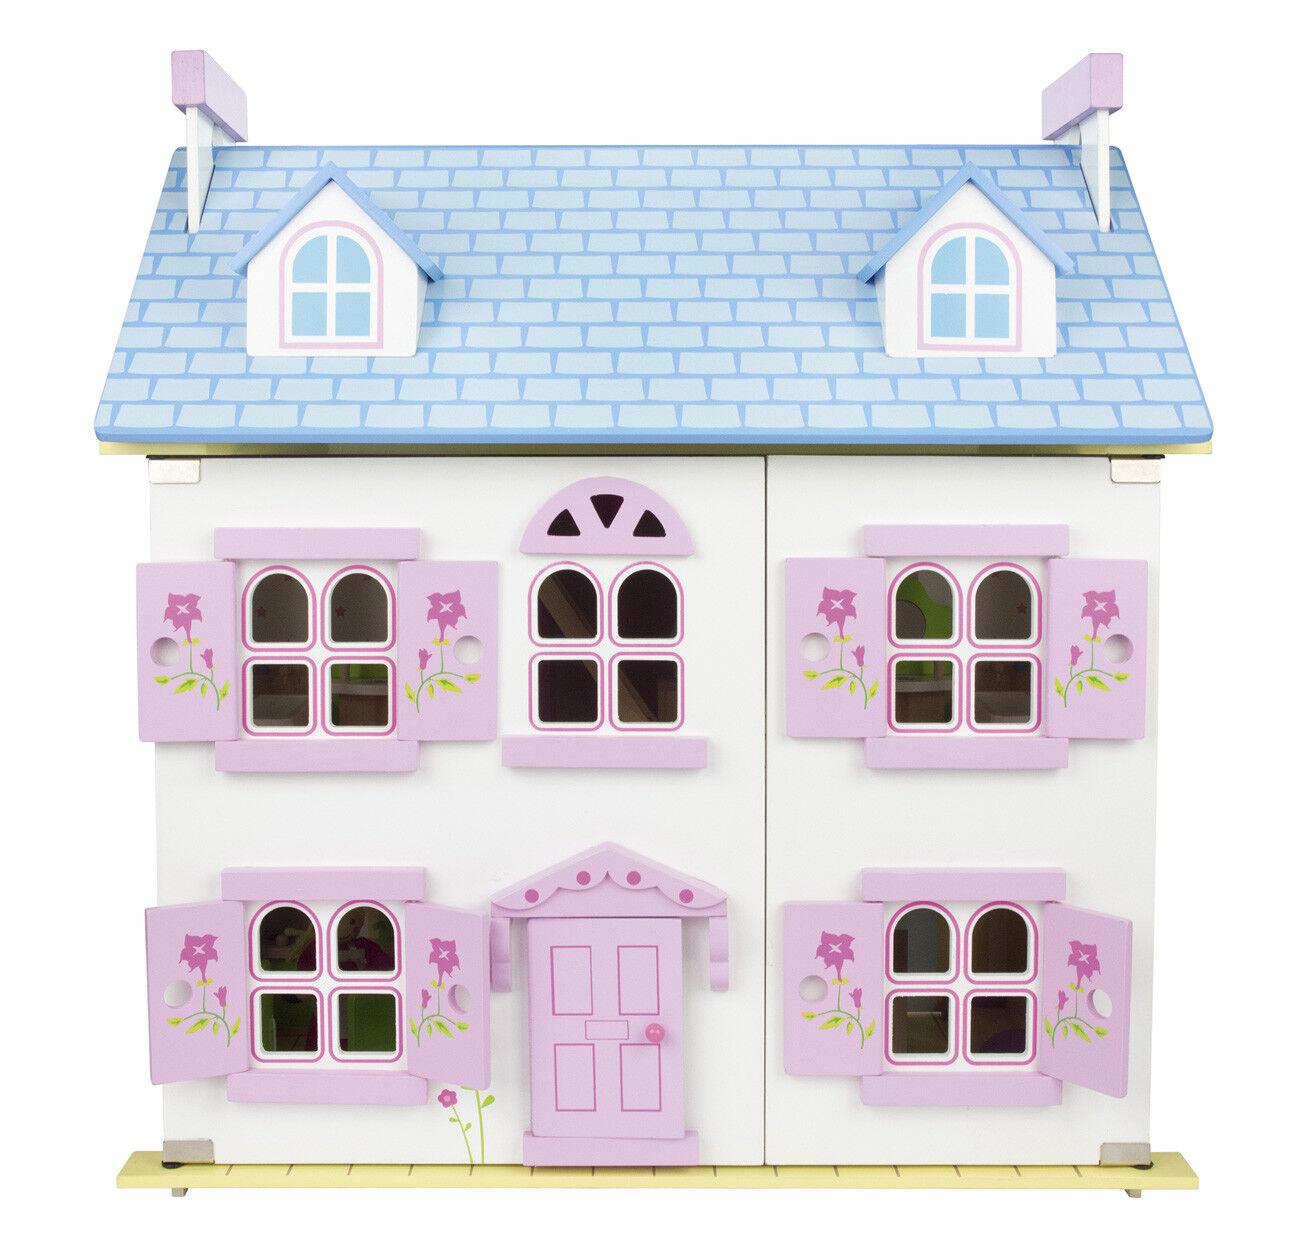 Joyeux Noël! Villa alpine alpine Villa pour les poupées - couleur blanche 102/246018 c6a511